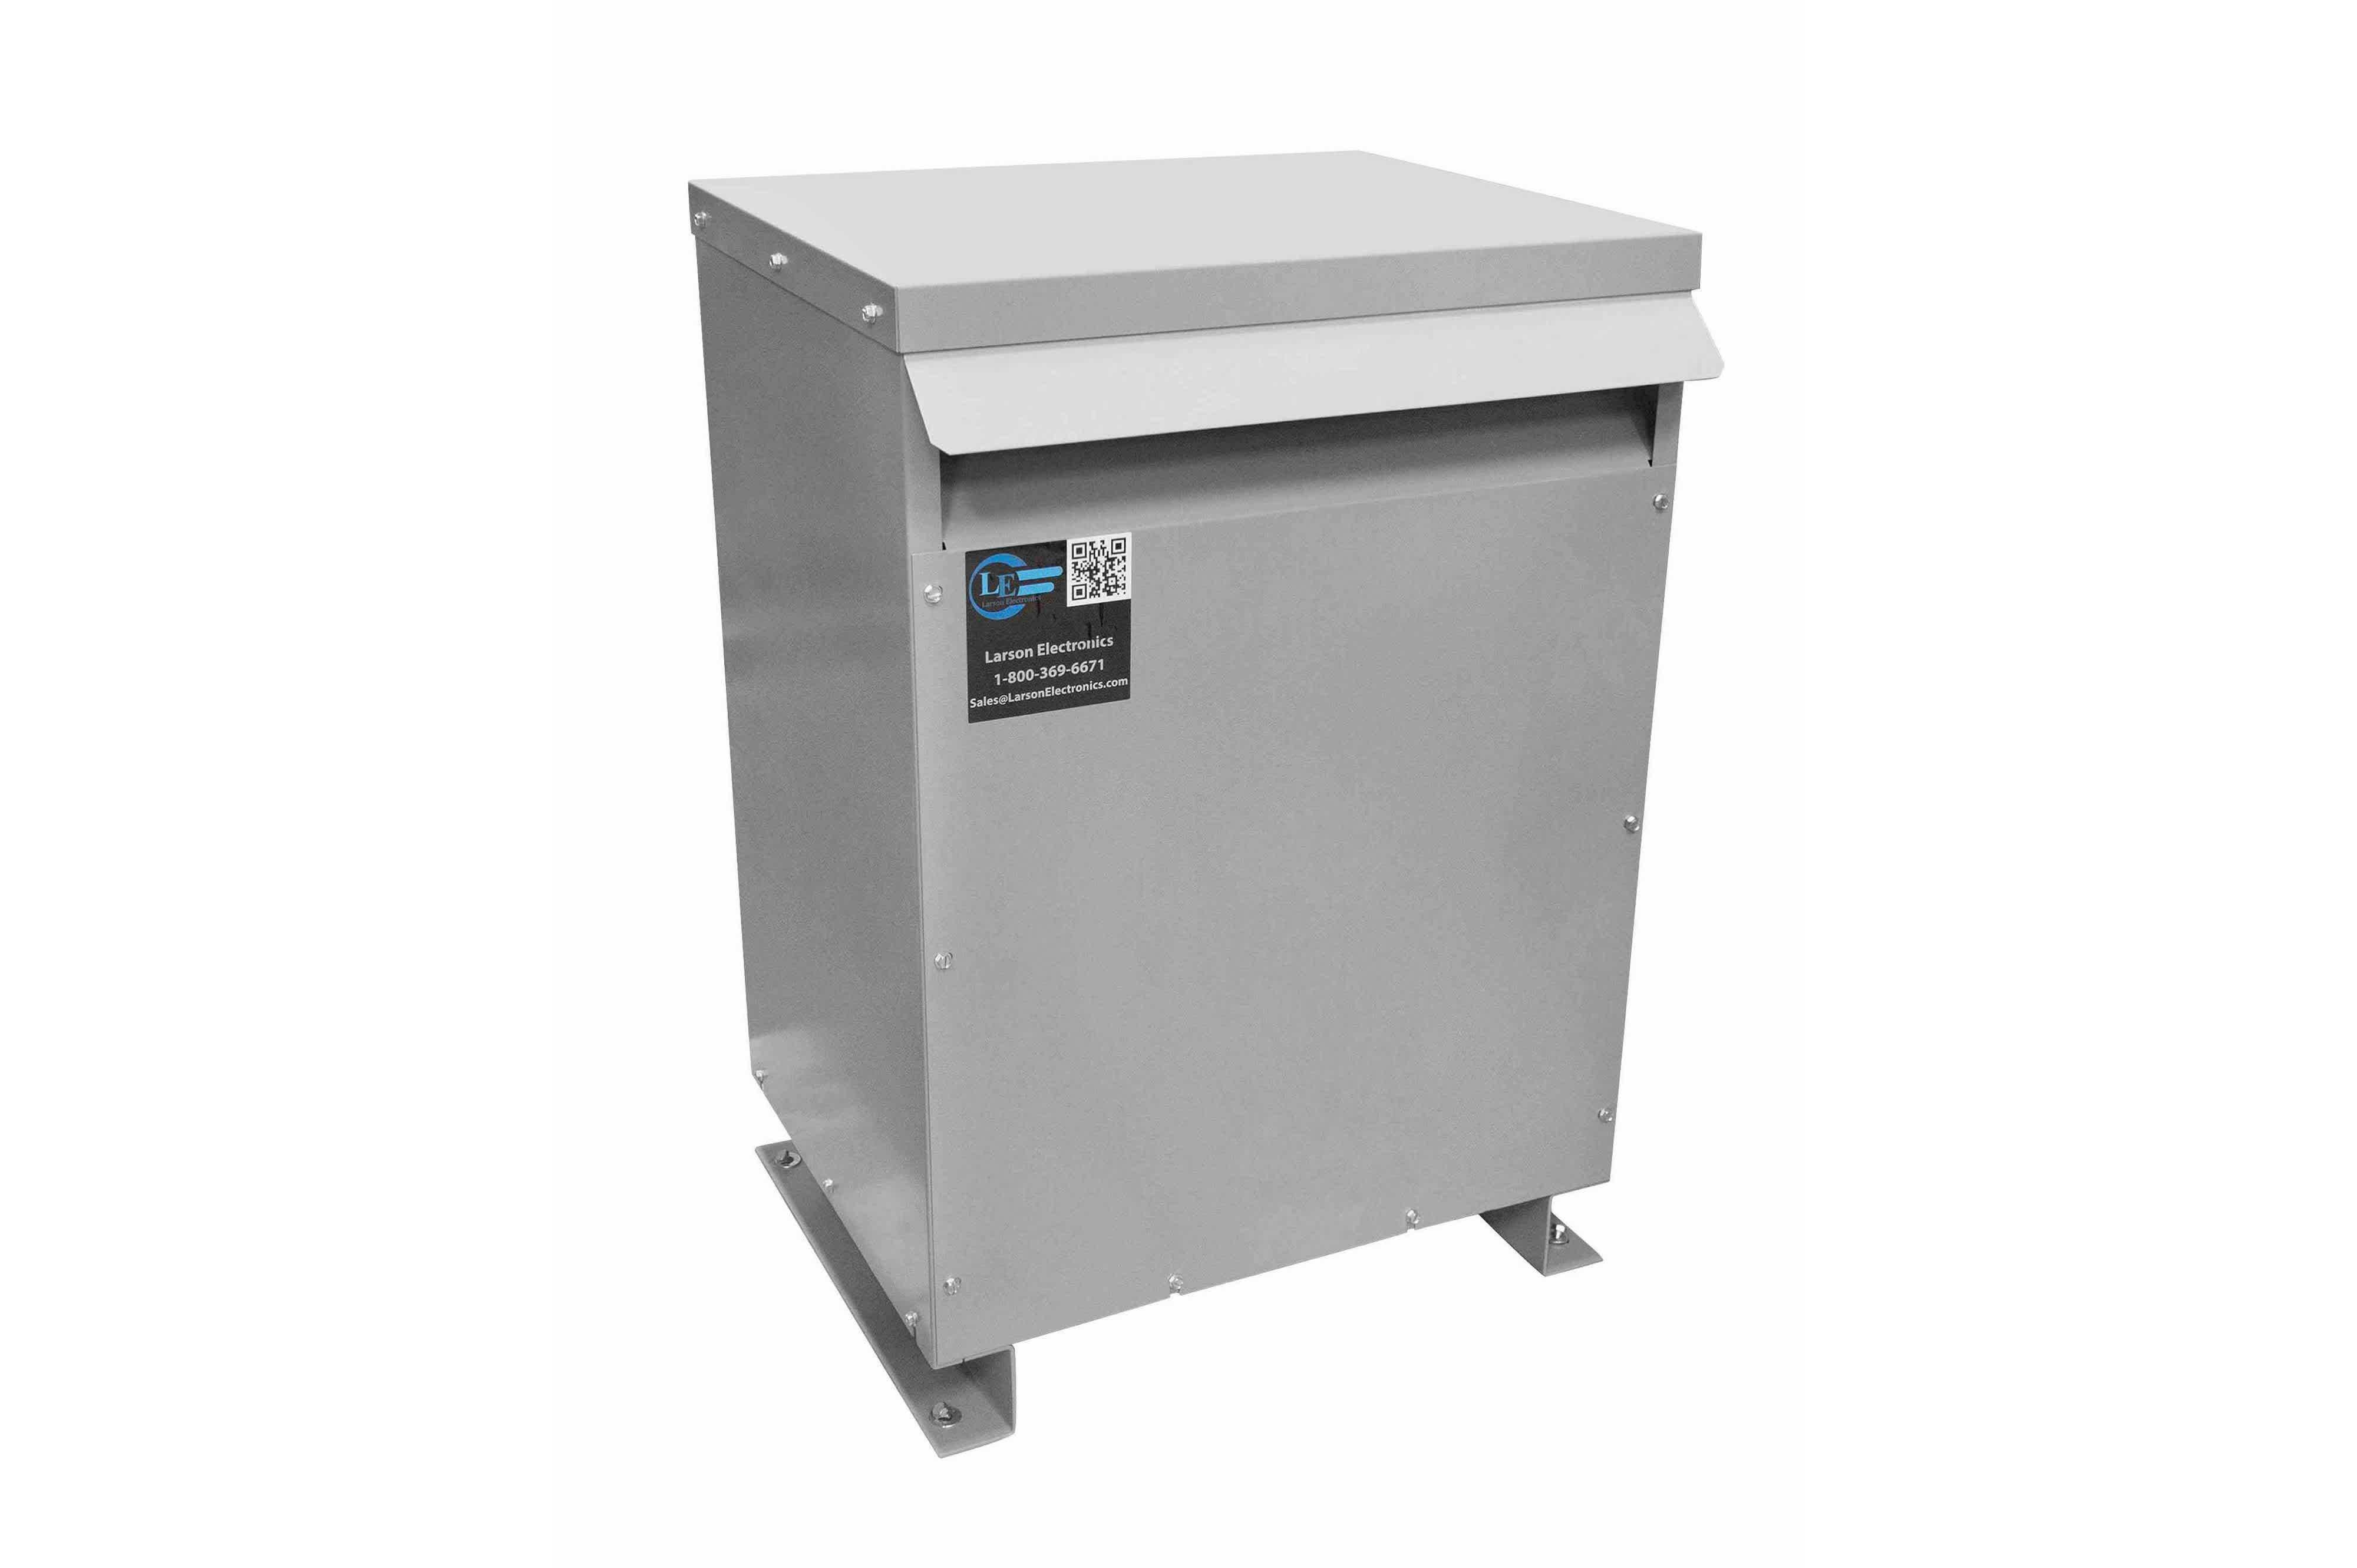 112.5 kVA 3PH Isolation Transformer, 380V Delta Primary, 208V Delta Secondary, N3R, Ventilated, 60 Hz